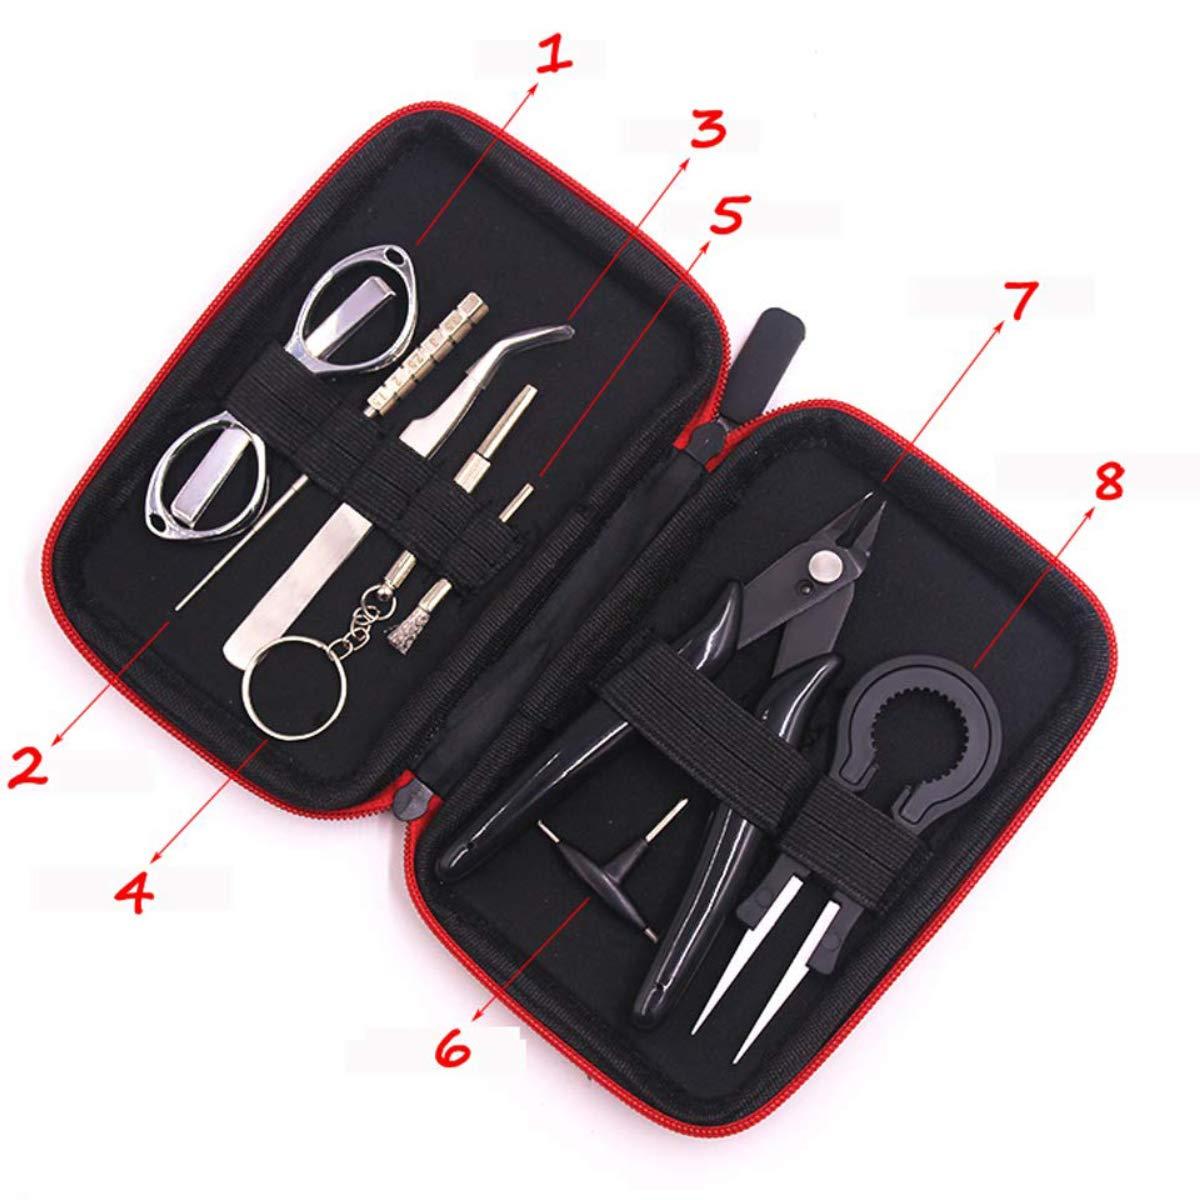 Spulen B/ürste Spulen-Set Drahtschneider Schraubenzieher,Set Als Geschenk 8 in 1 QFUN DIY-Werkzeug-Kit mit f/ür Reparatur oder Werkzeug-Kit Spule-Jig-wickelset Klapp Schere Keramik-Pinzette